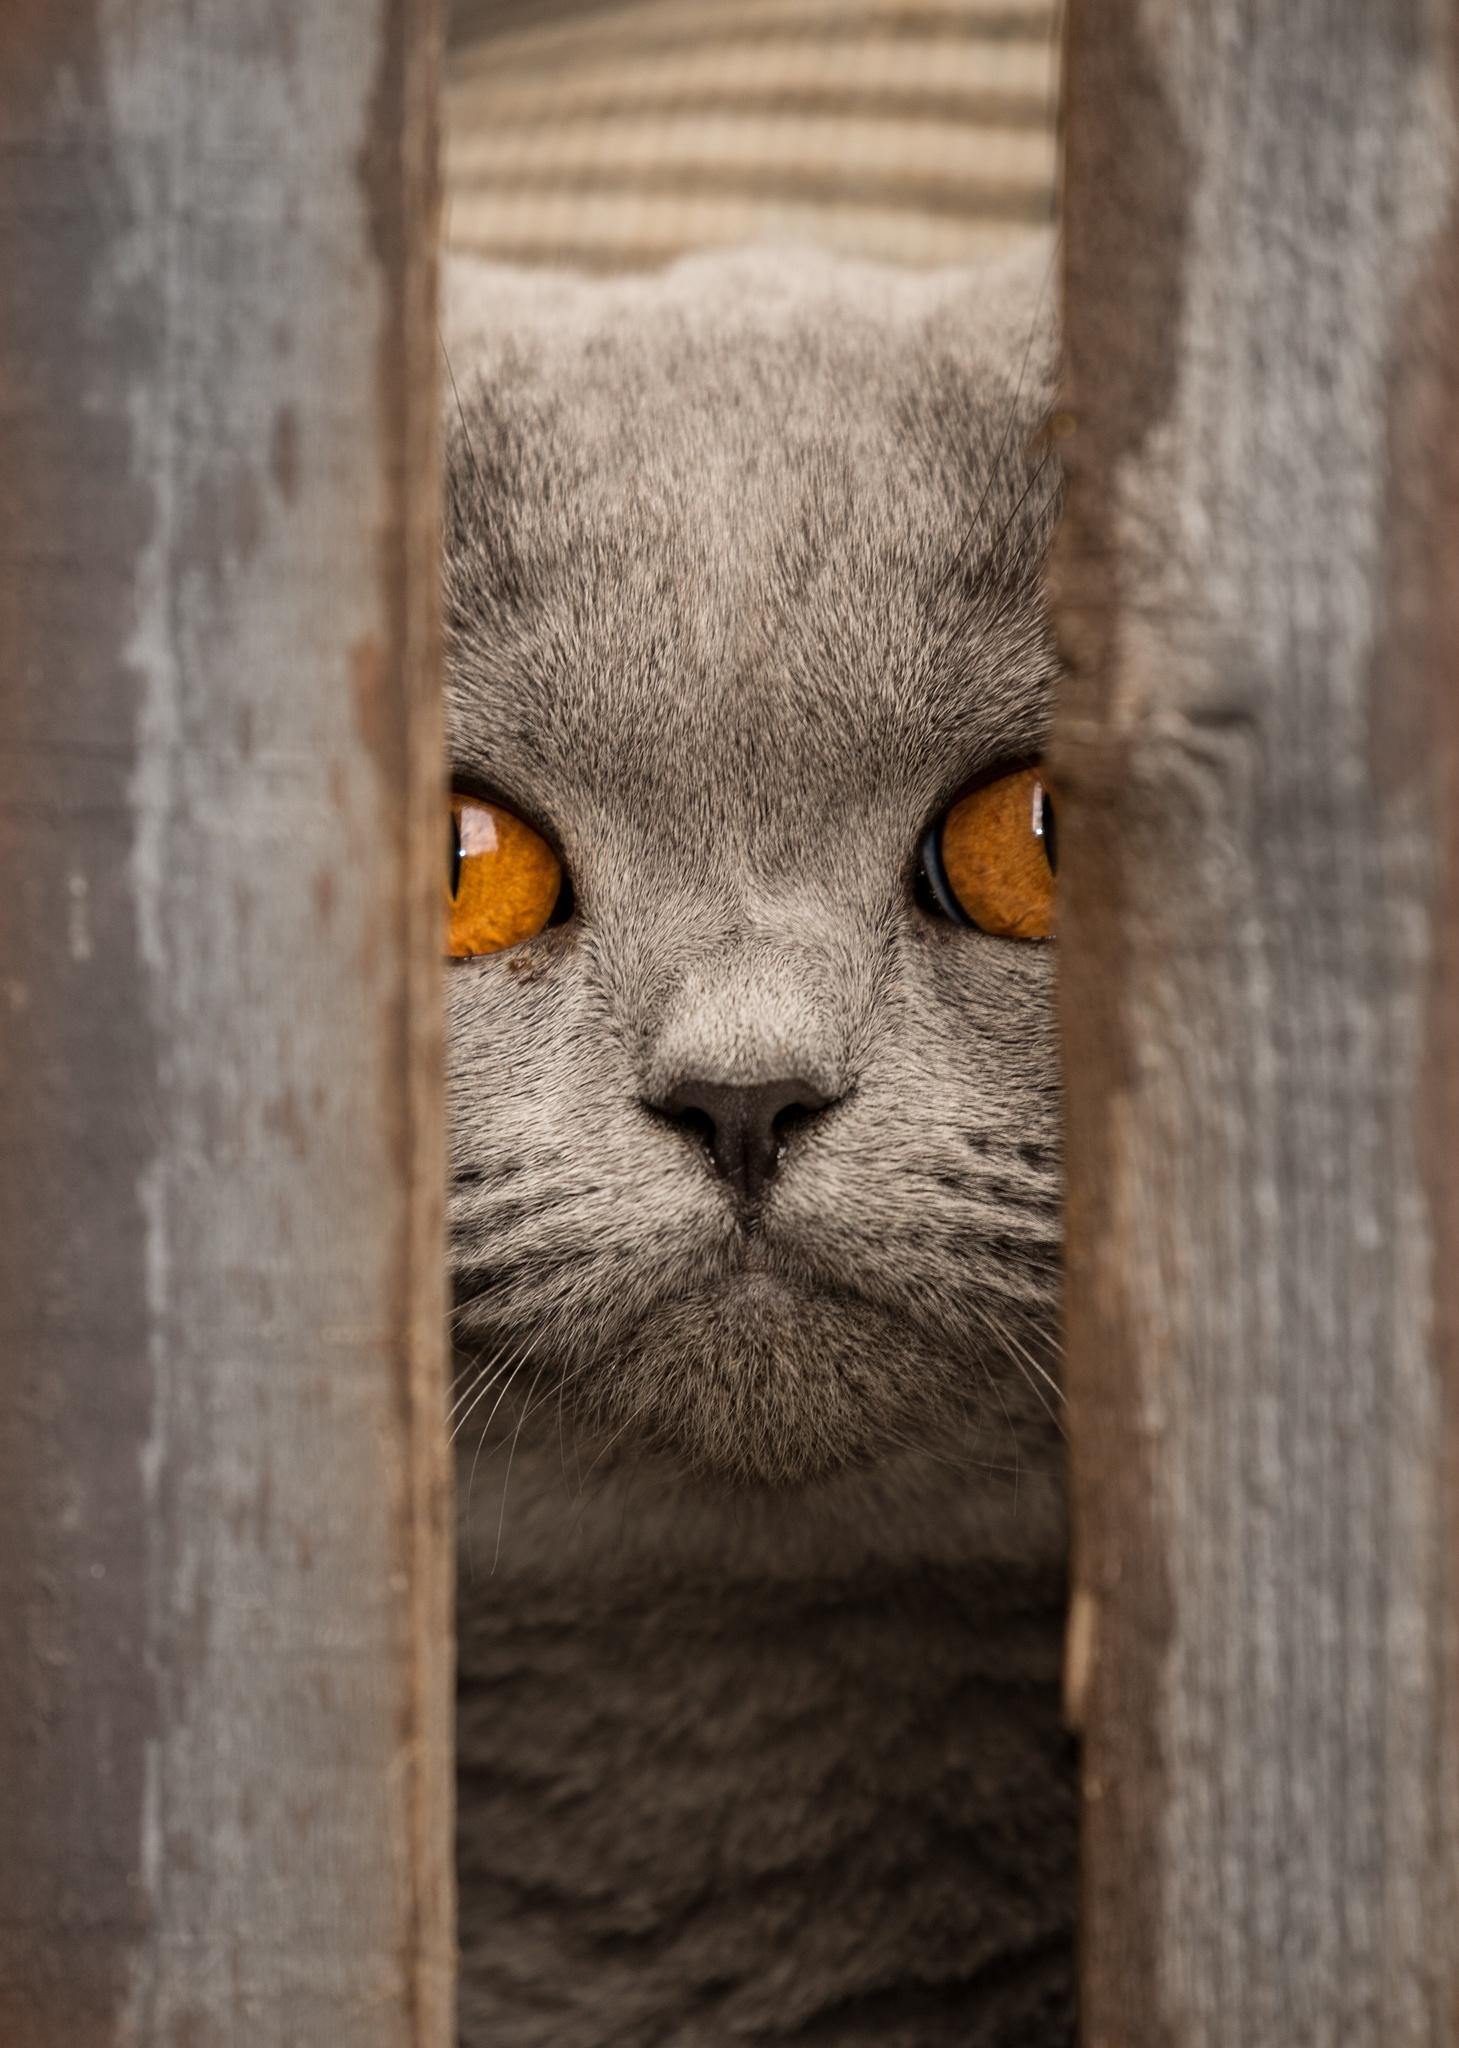 The Cat Next Door by Phil Everett